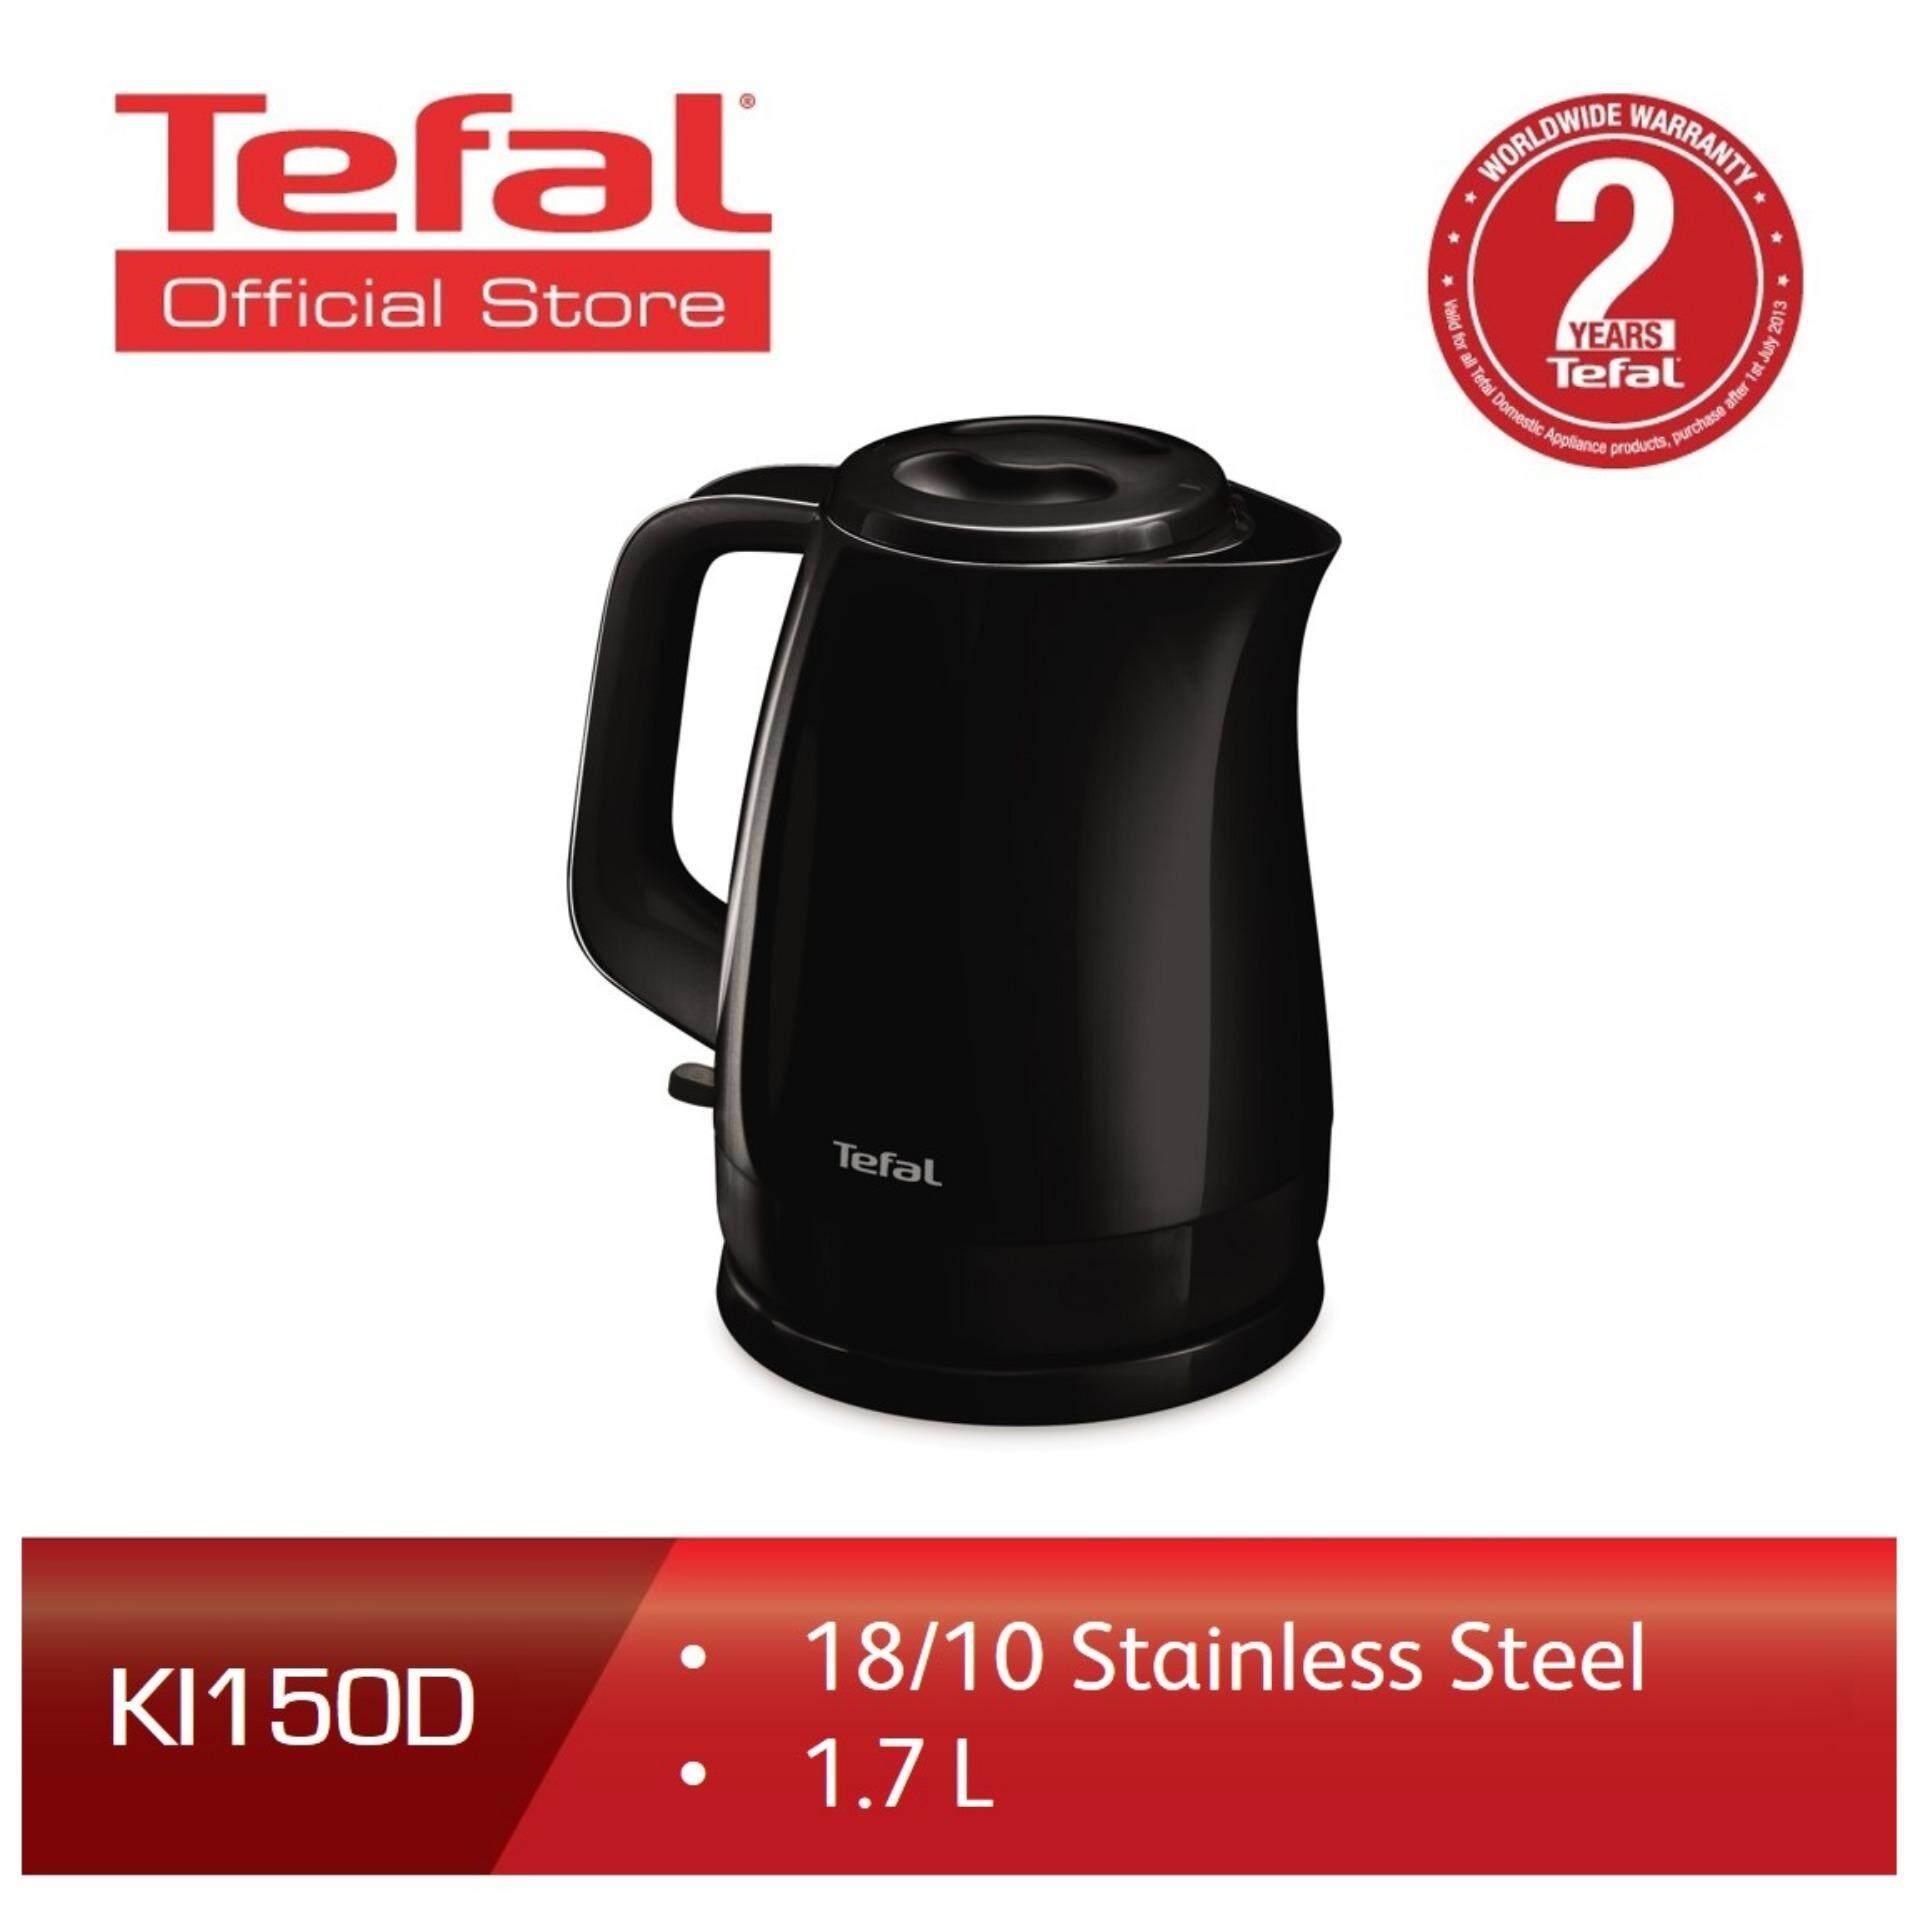 Tefal Good Value Stainless Steel Kettle   1.7L (Black) (KI150D)